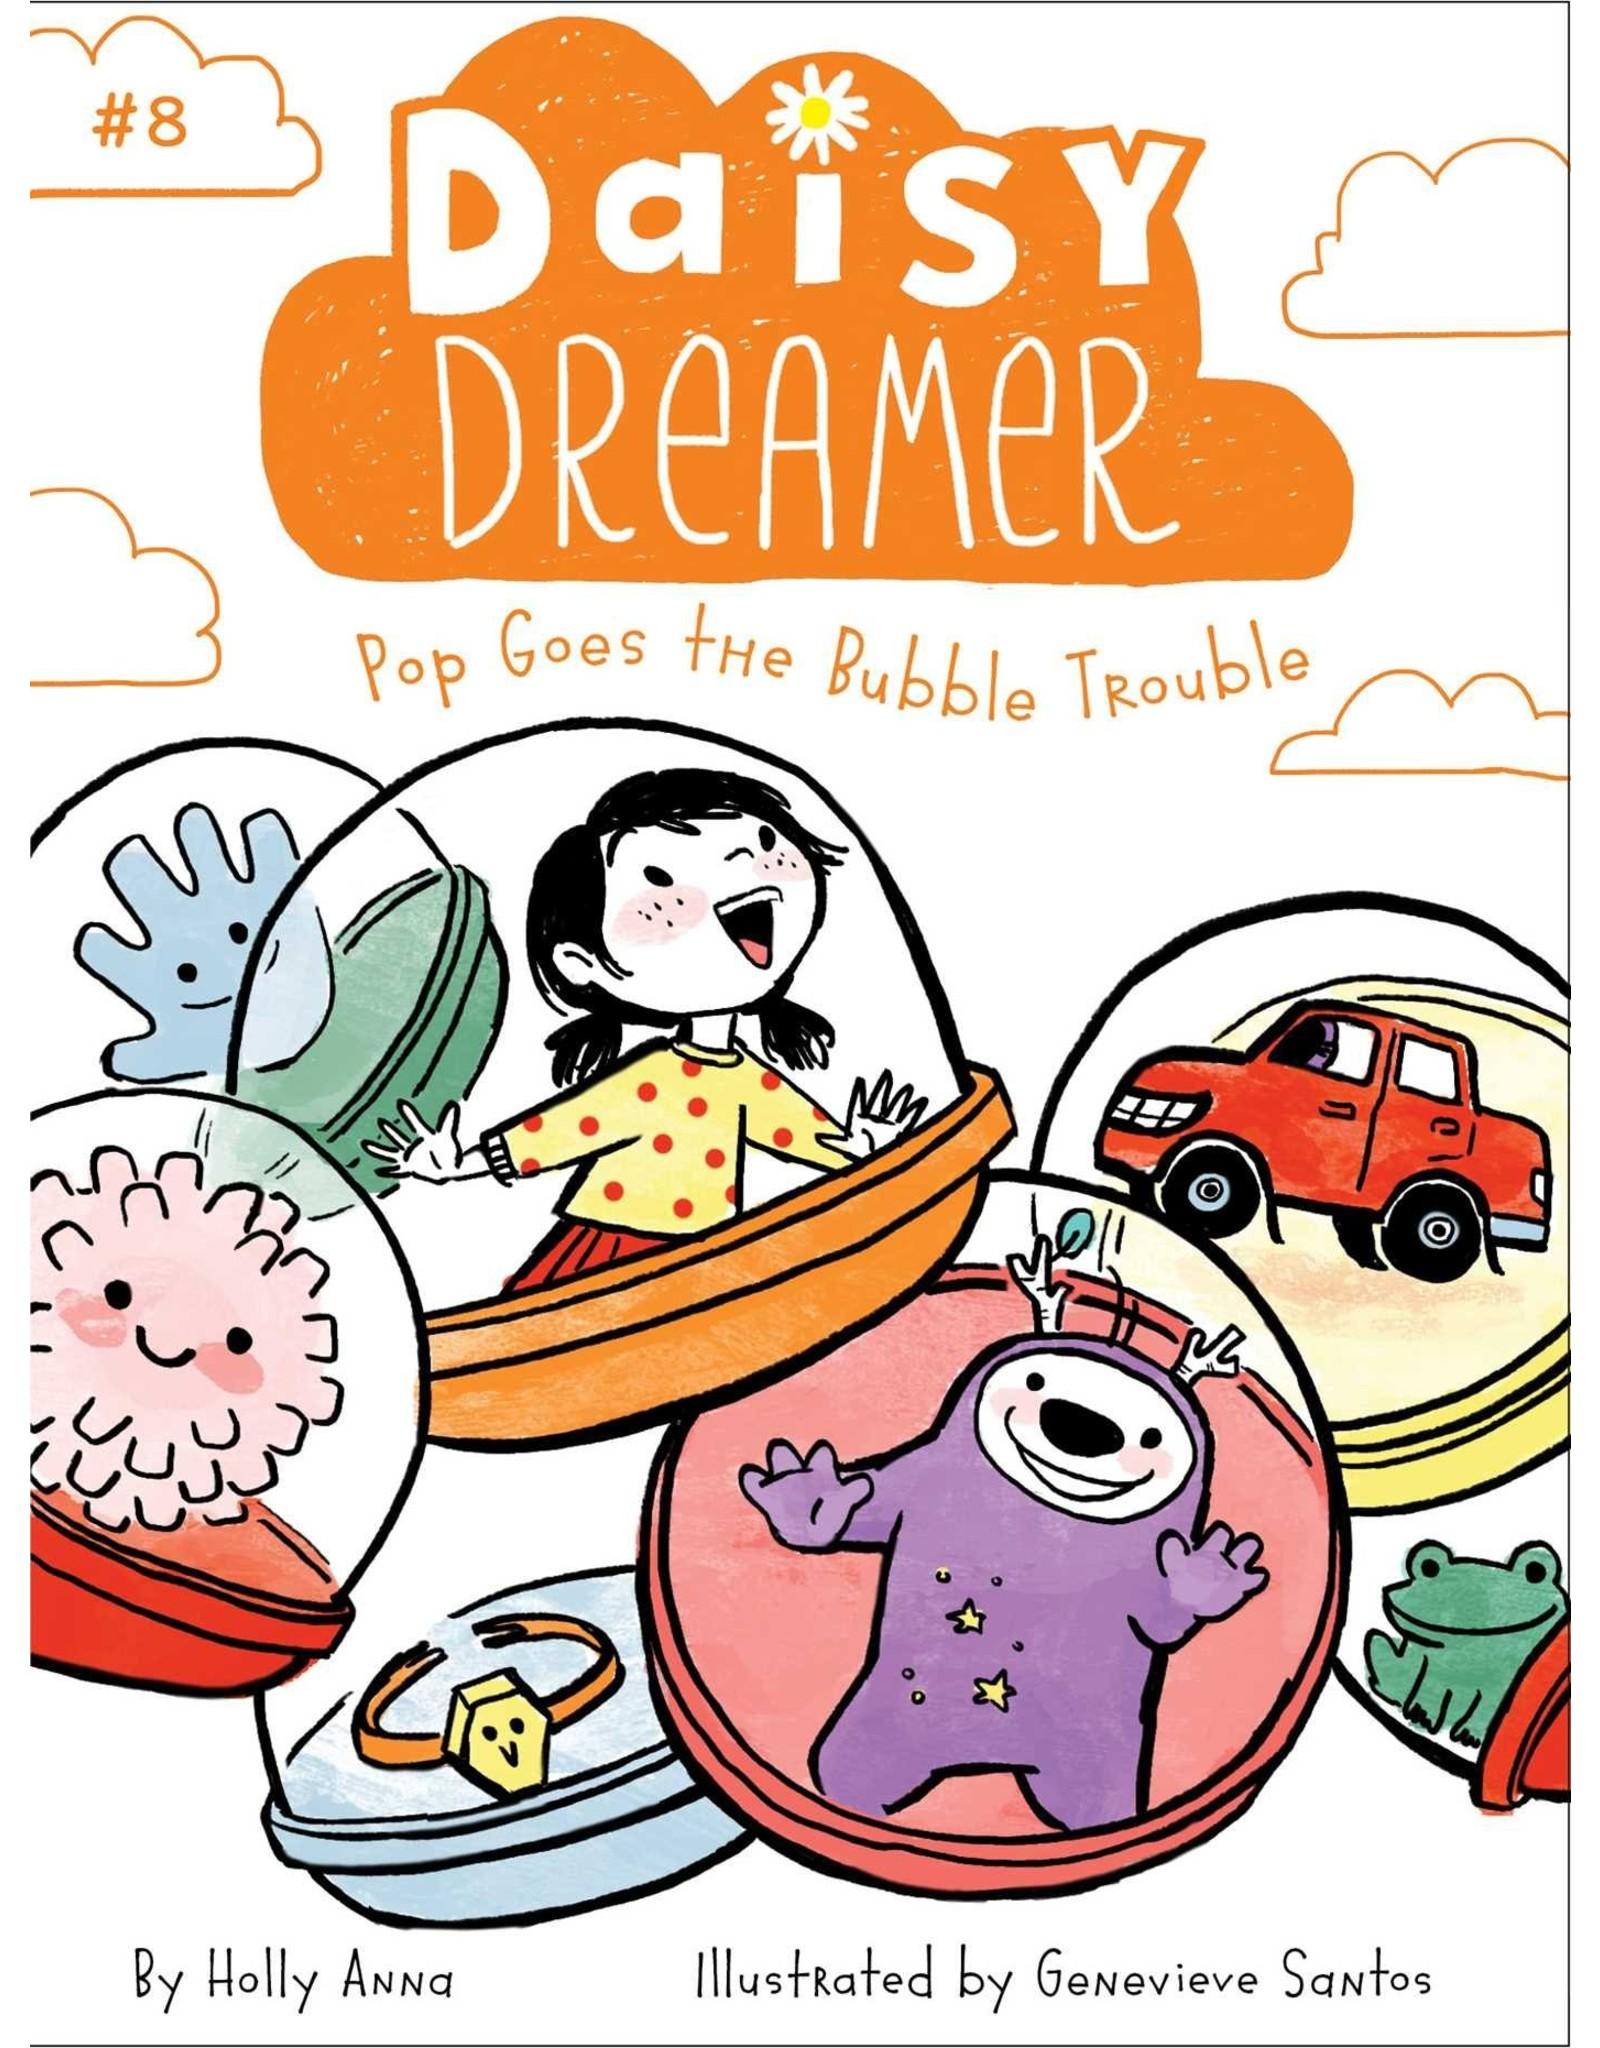 SIMON & SCHUSTER DAISY DREAMER VOL 8 POP GOES THE BUBBLE TROUBLE